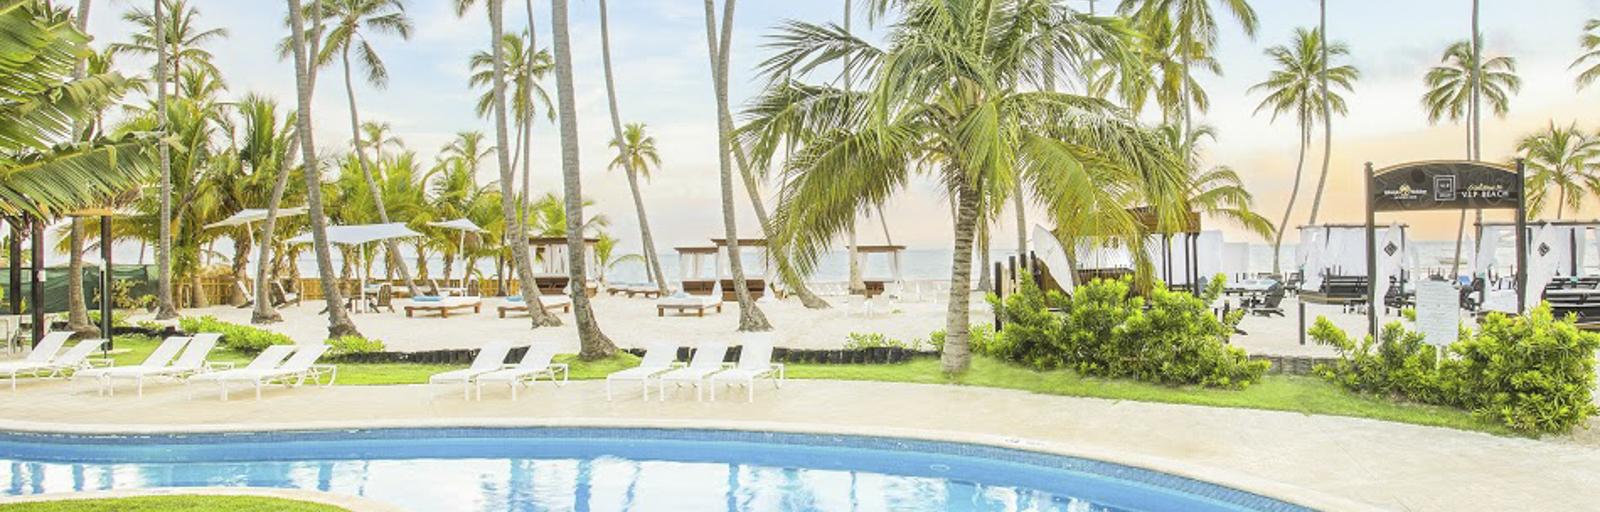 Ofertas Caribe Vacaciones Singles Viajes para solteros a Punta Cana